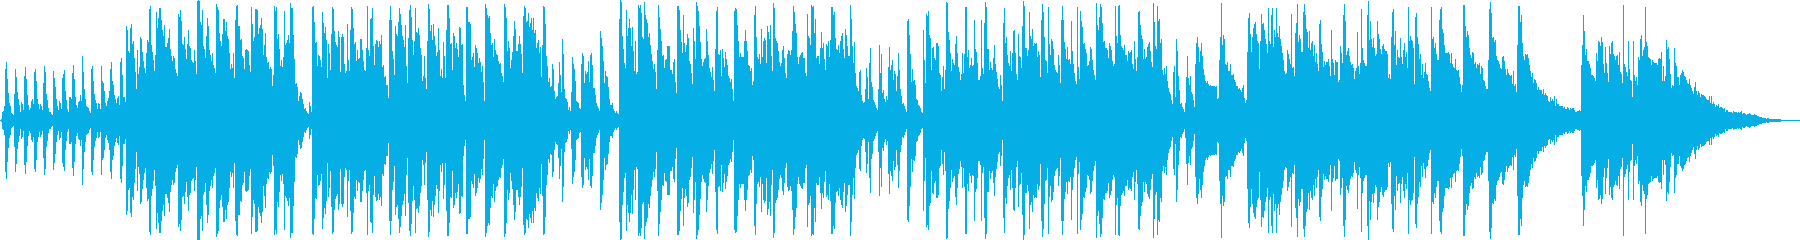 軽やかなインフォメーションミュージックの再生済みの波形